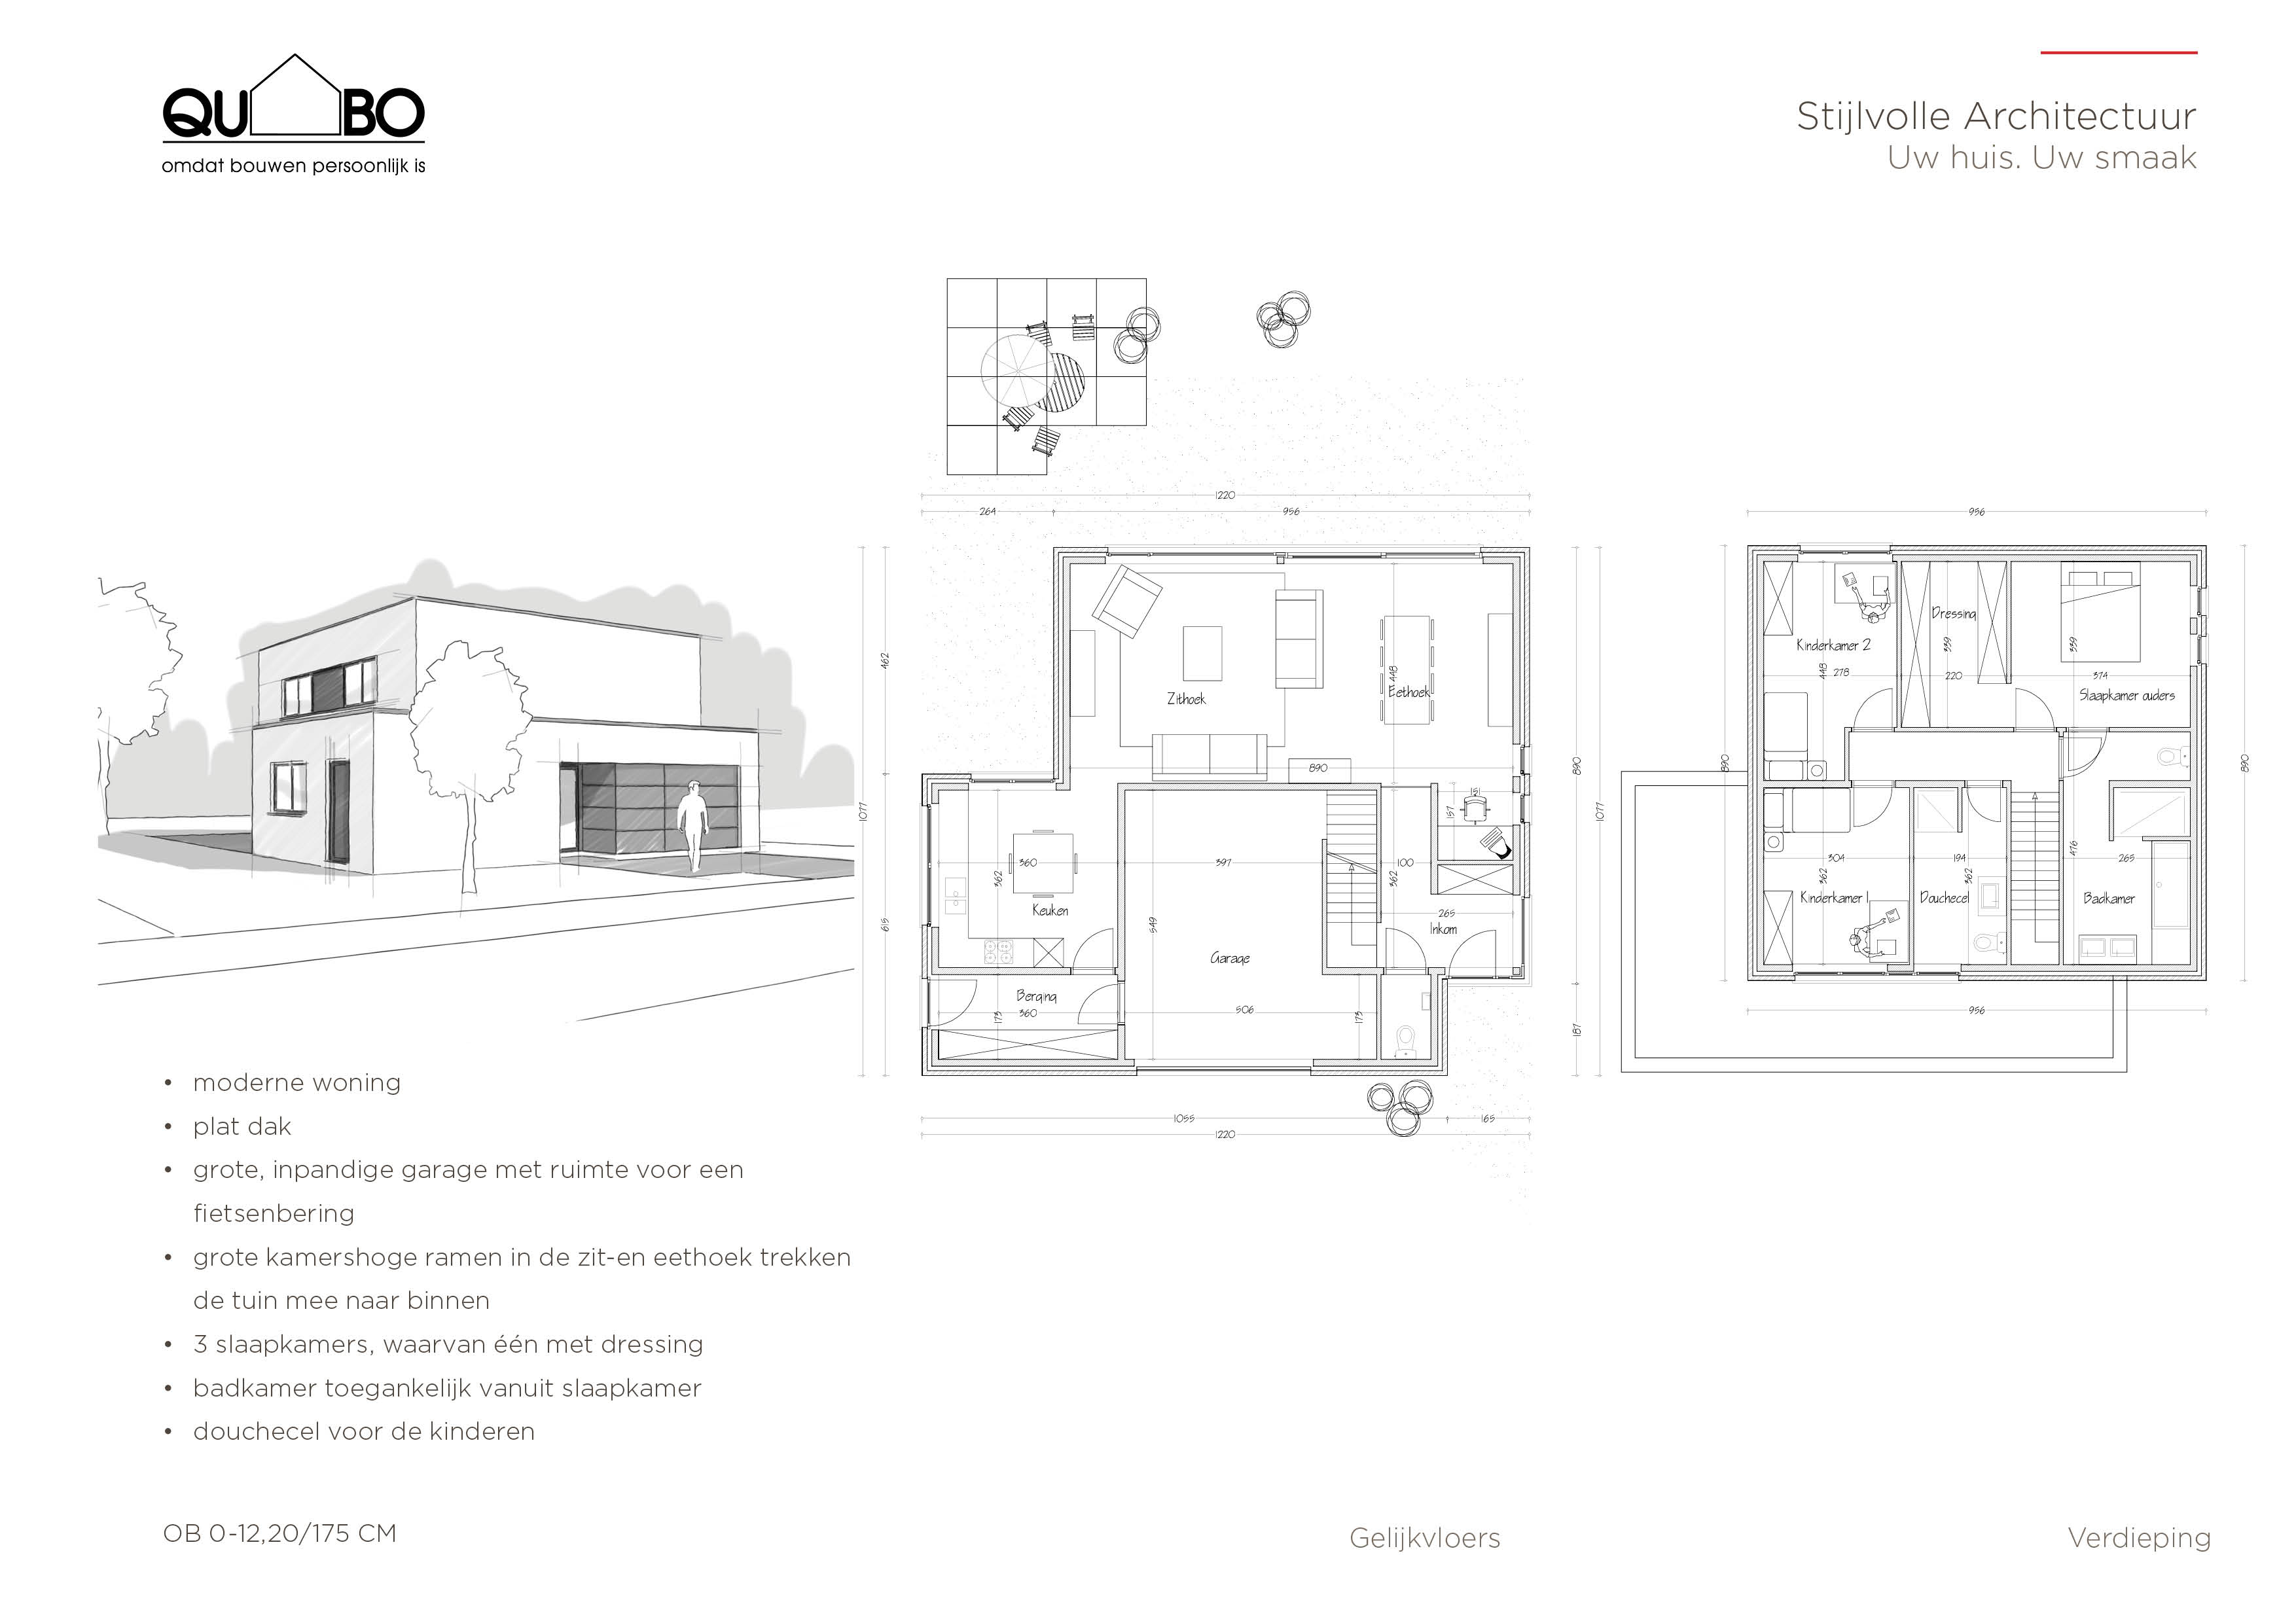 Voorbeeldplan 10 OB 0-12,20_175CM